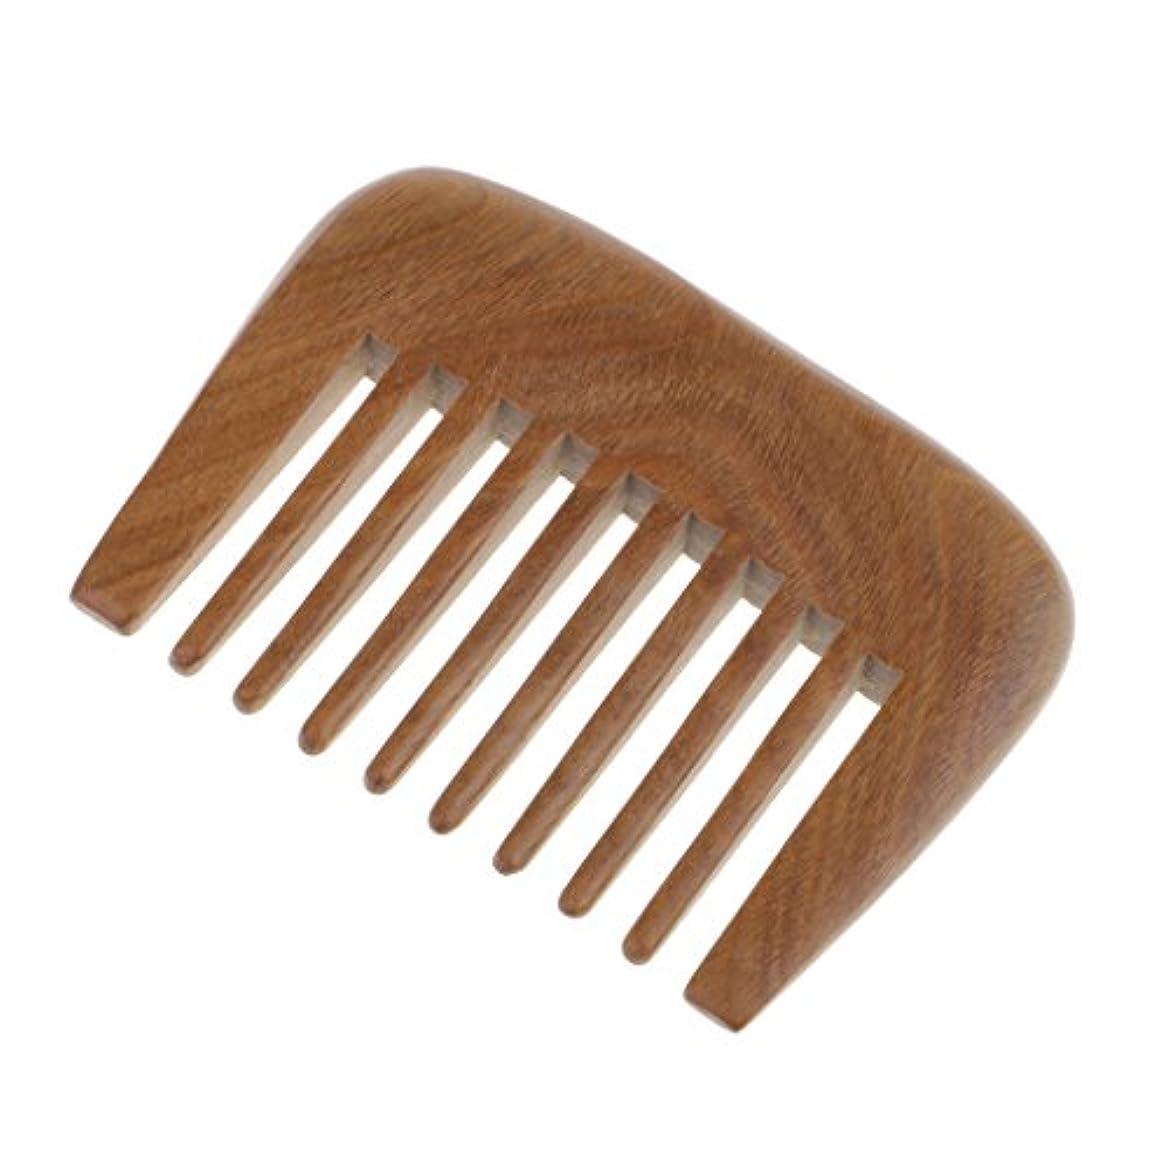 軽く愛情運営Toygogo 木製のくしの毛の広い歯のポケットの毛のくしの毛のもつれを取り除くくしの毛のマッサージャーのブラシの緑の白檀